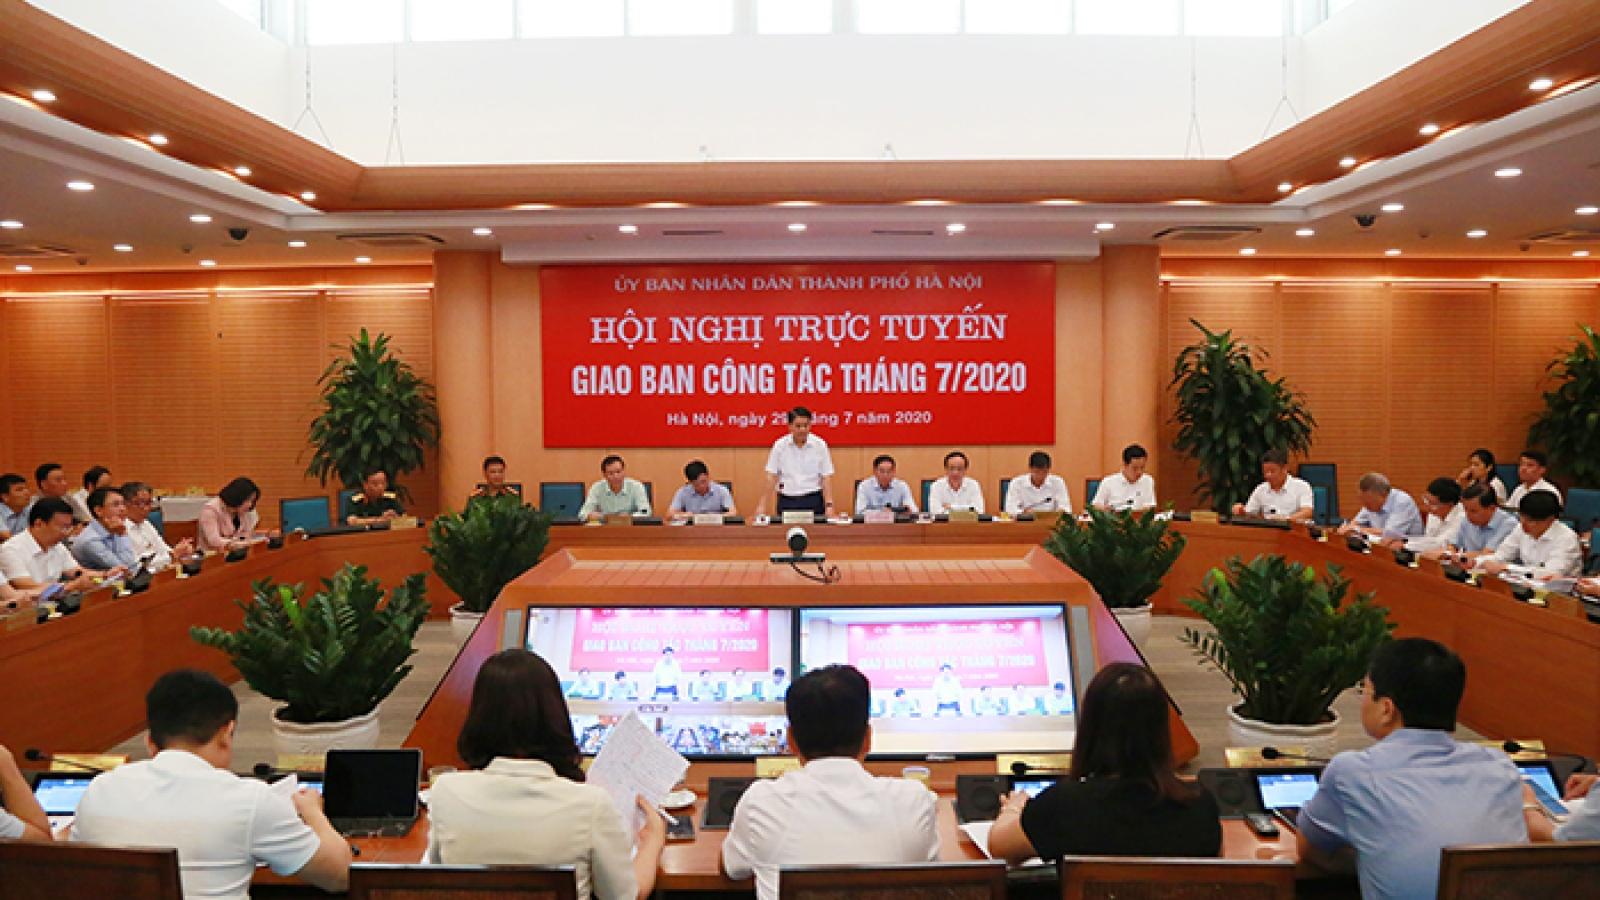 Chủ tịch Hà Nội Nguyễn Đức Chung: Tạm dừng lễ hội, quán bar